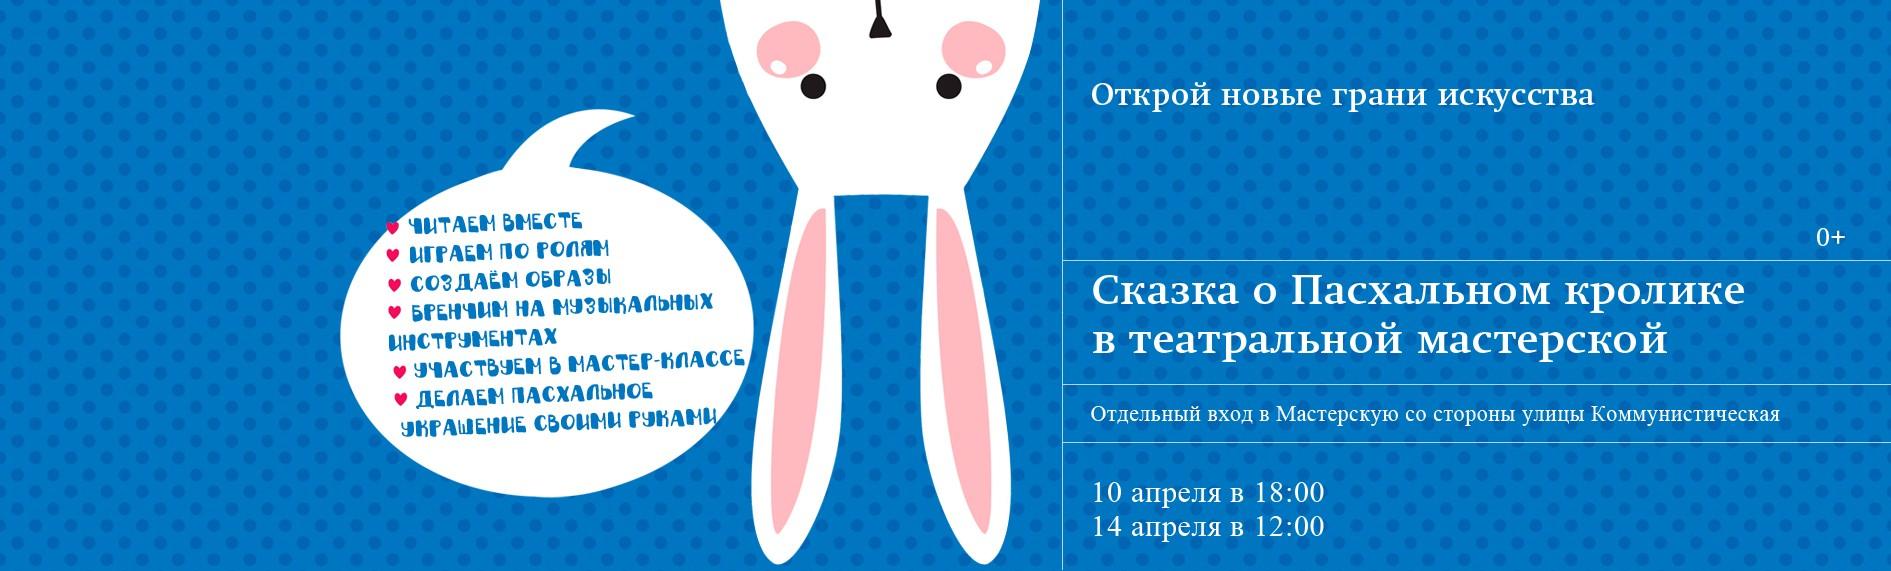 """""""Сказка о пасхальном кролике в Театральной мастерской"""""""